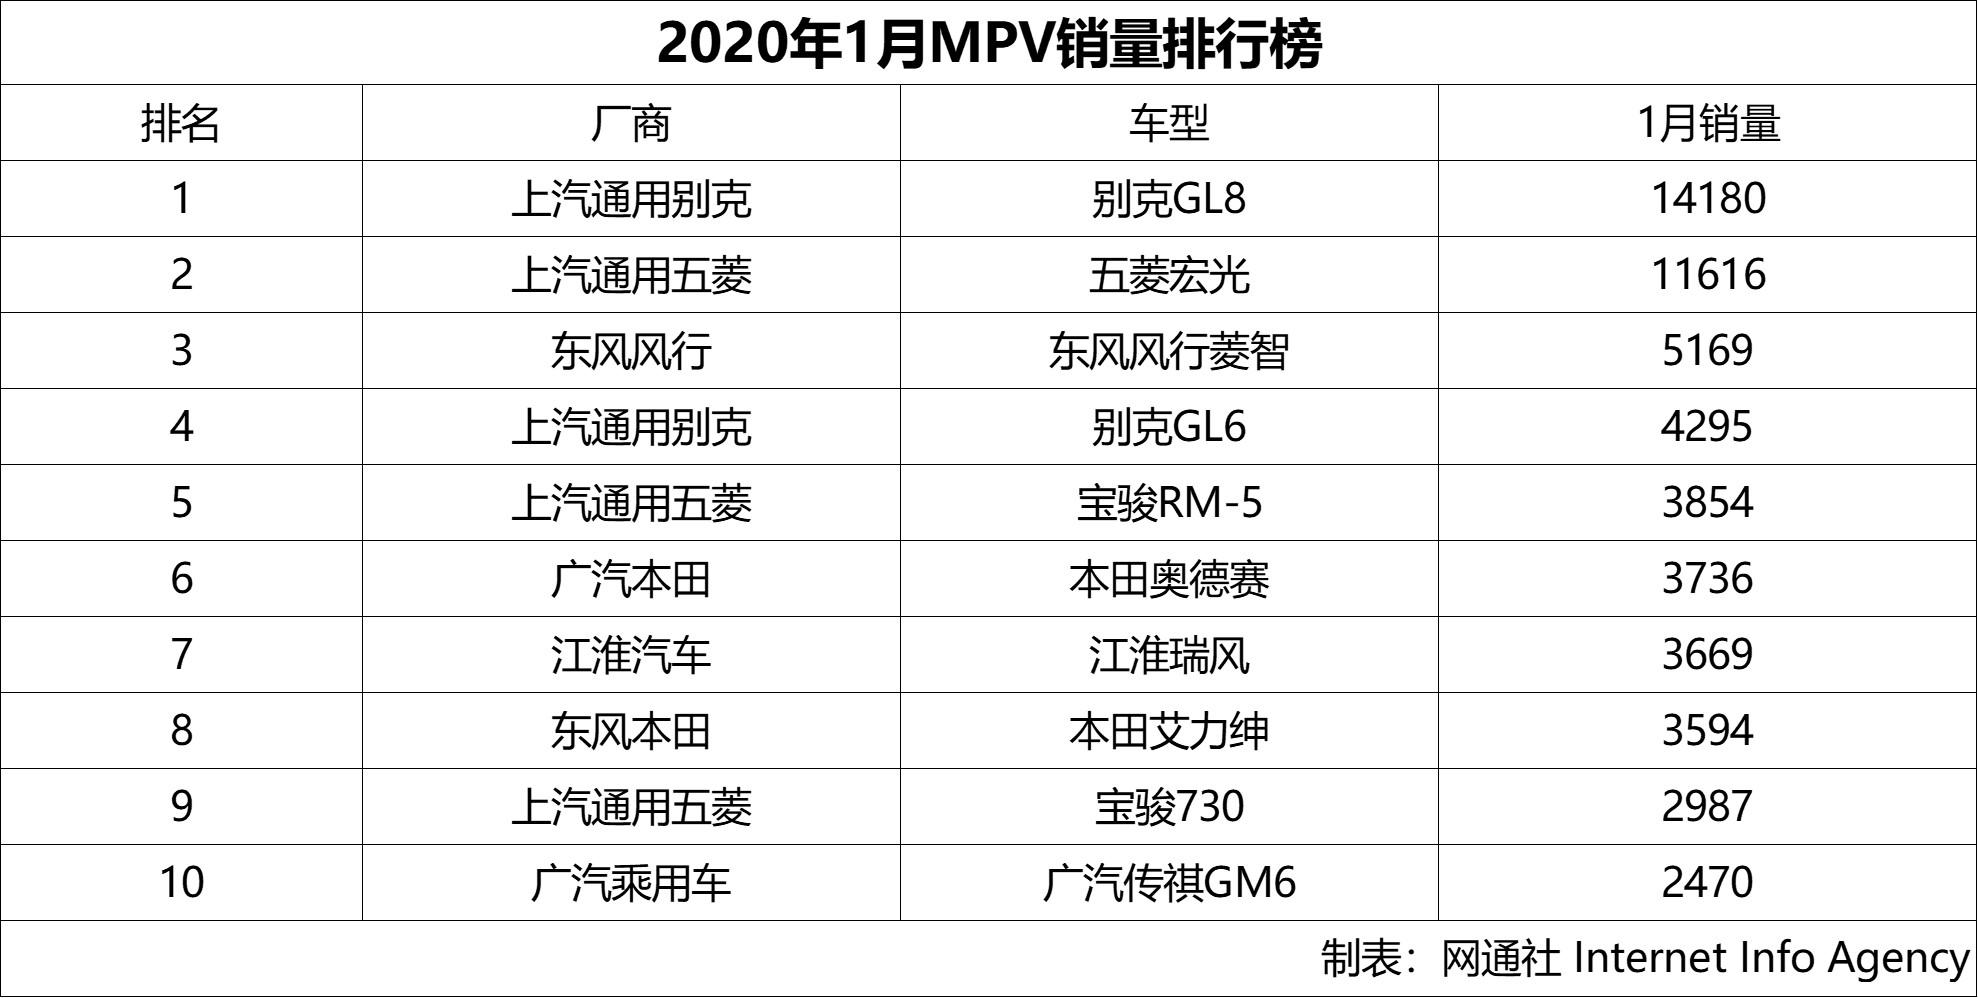 别克GL8 1月销量1.42万 继续领跑MPV排行榜